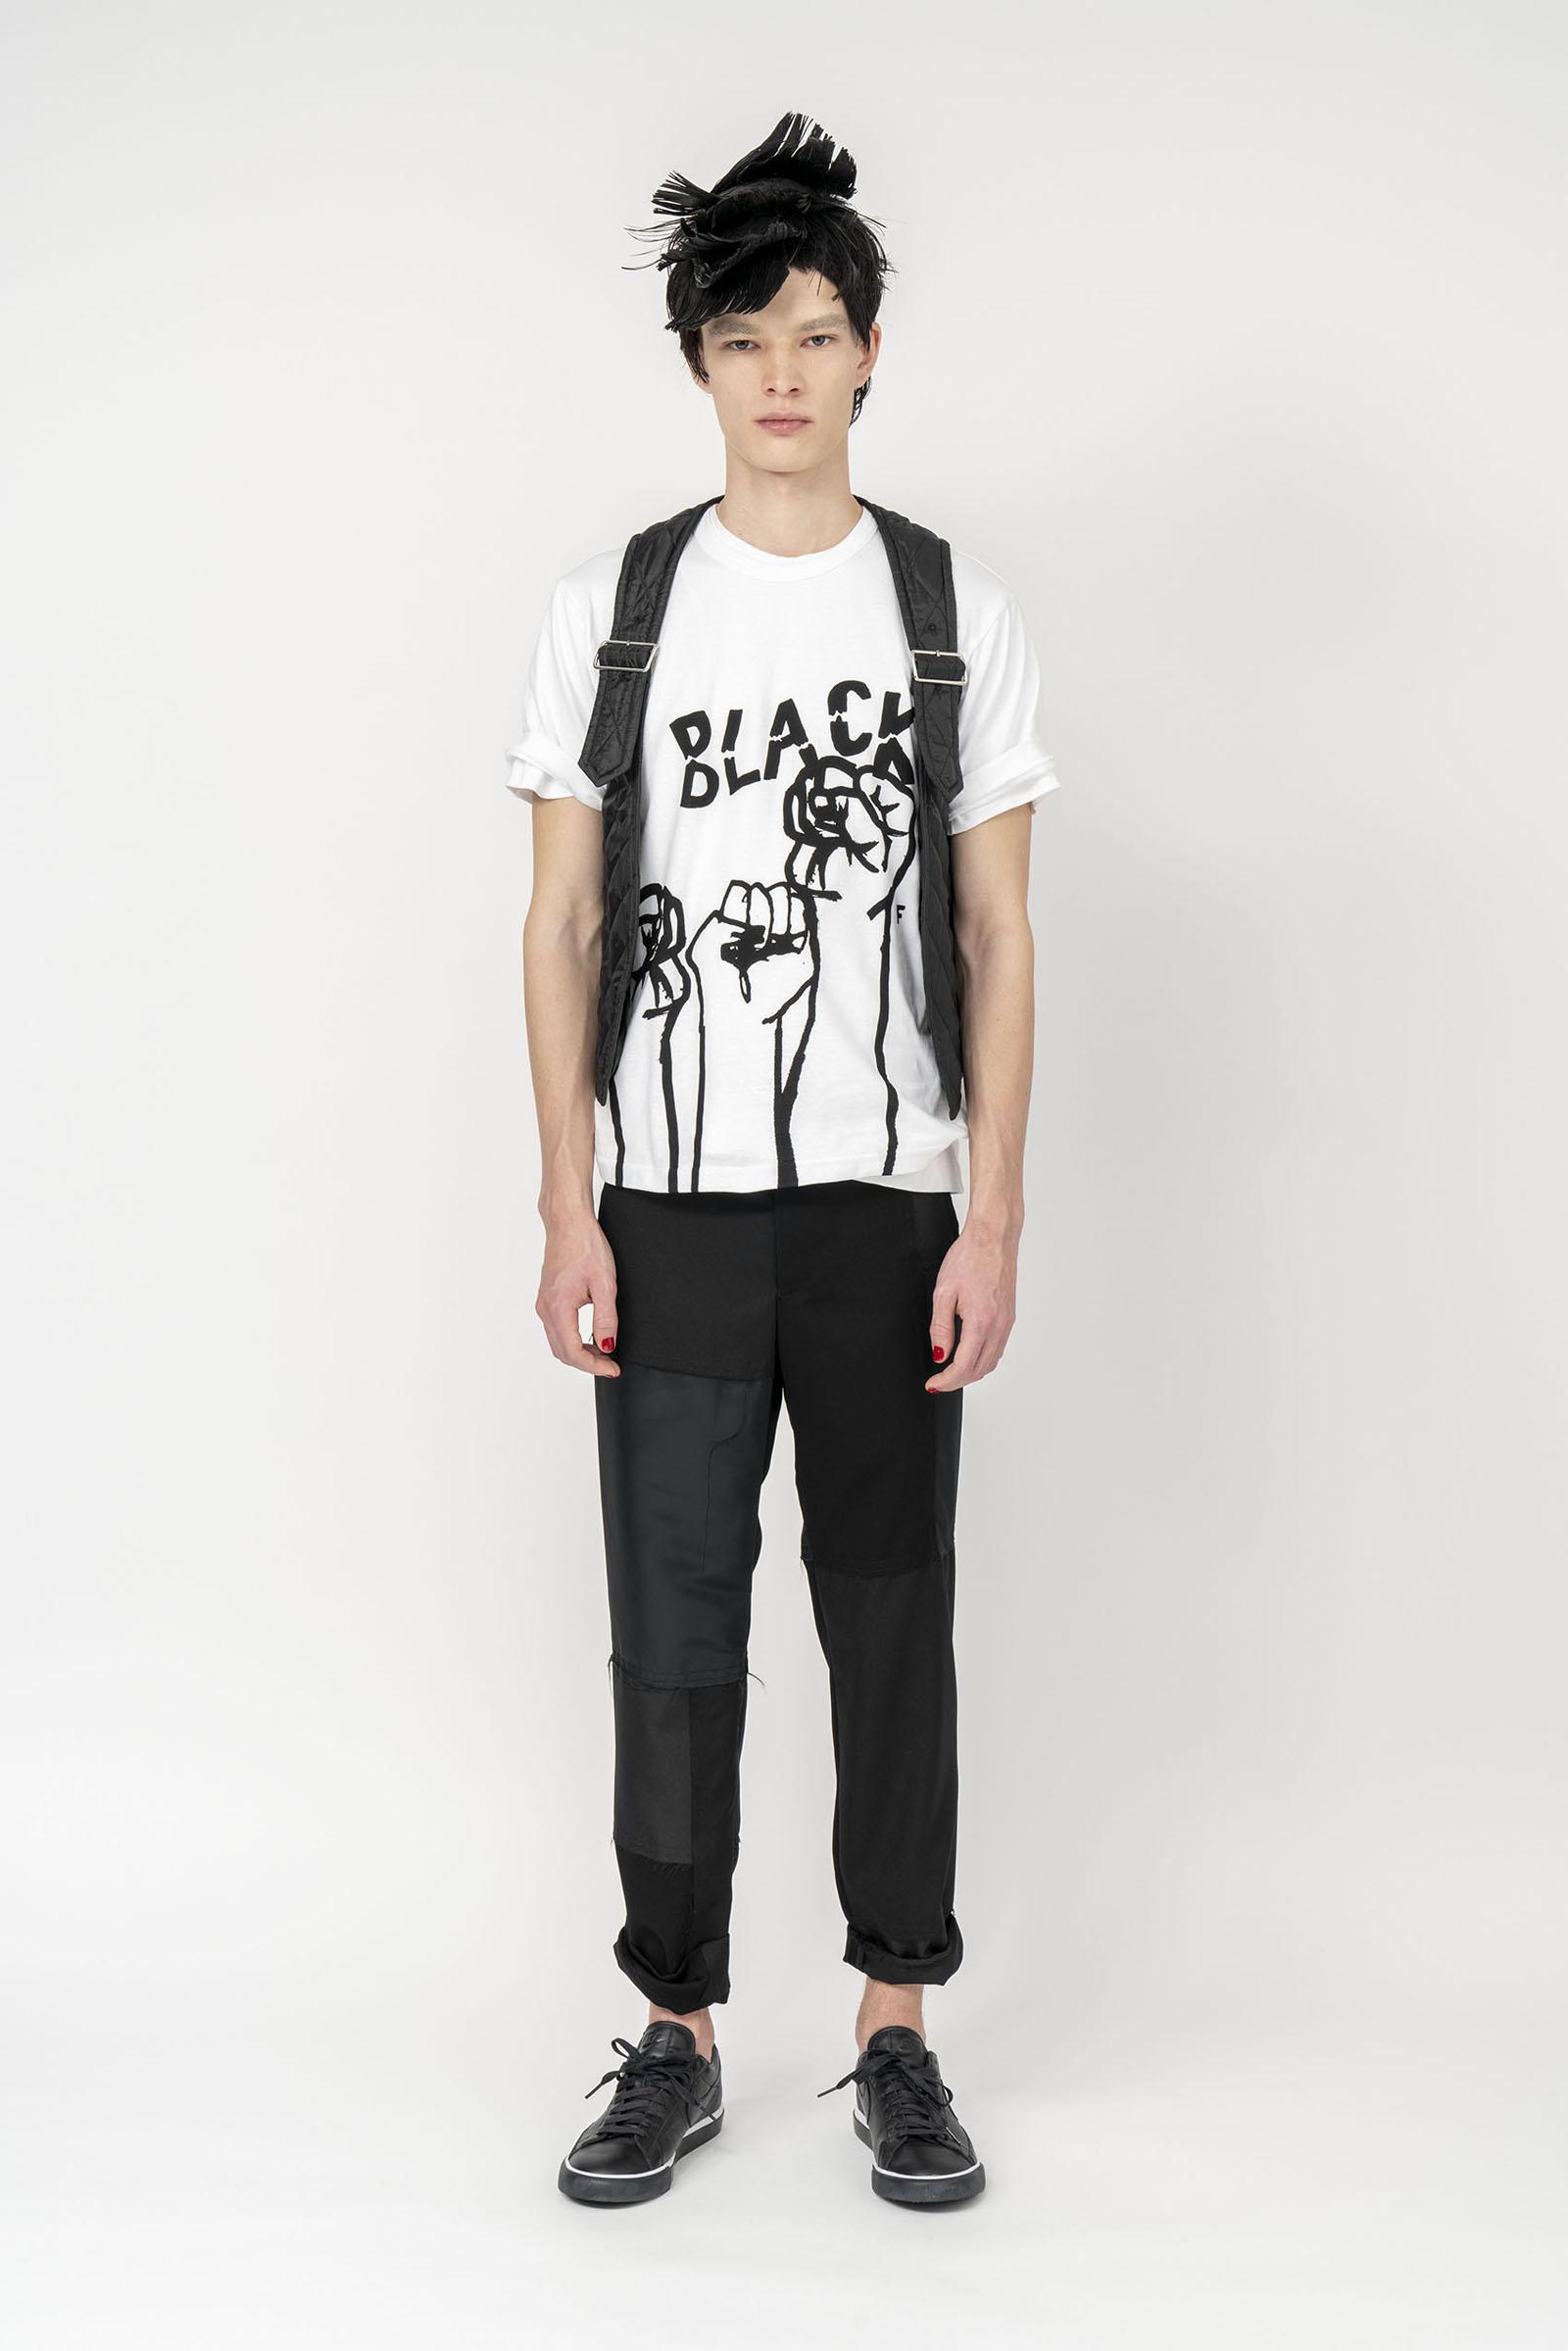 Black Comme des Garçons - shot 5